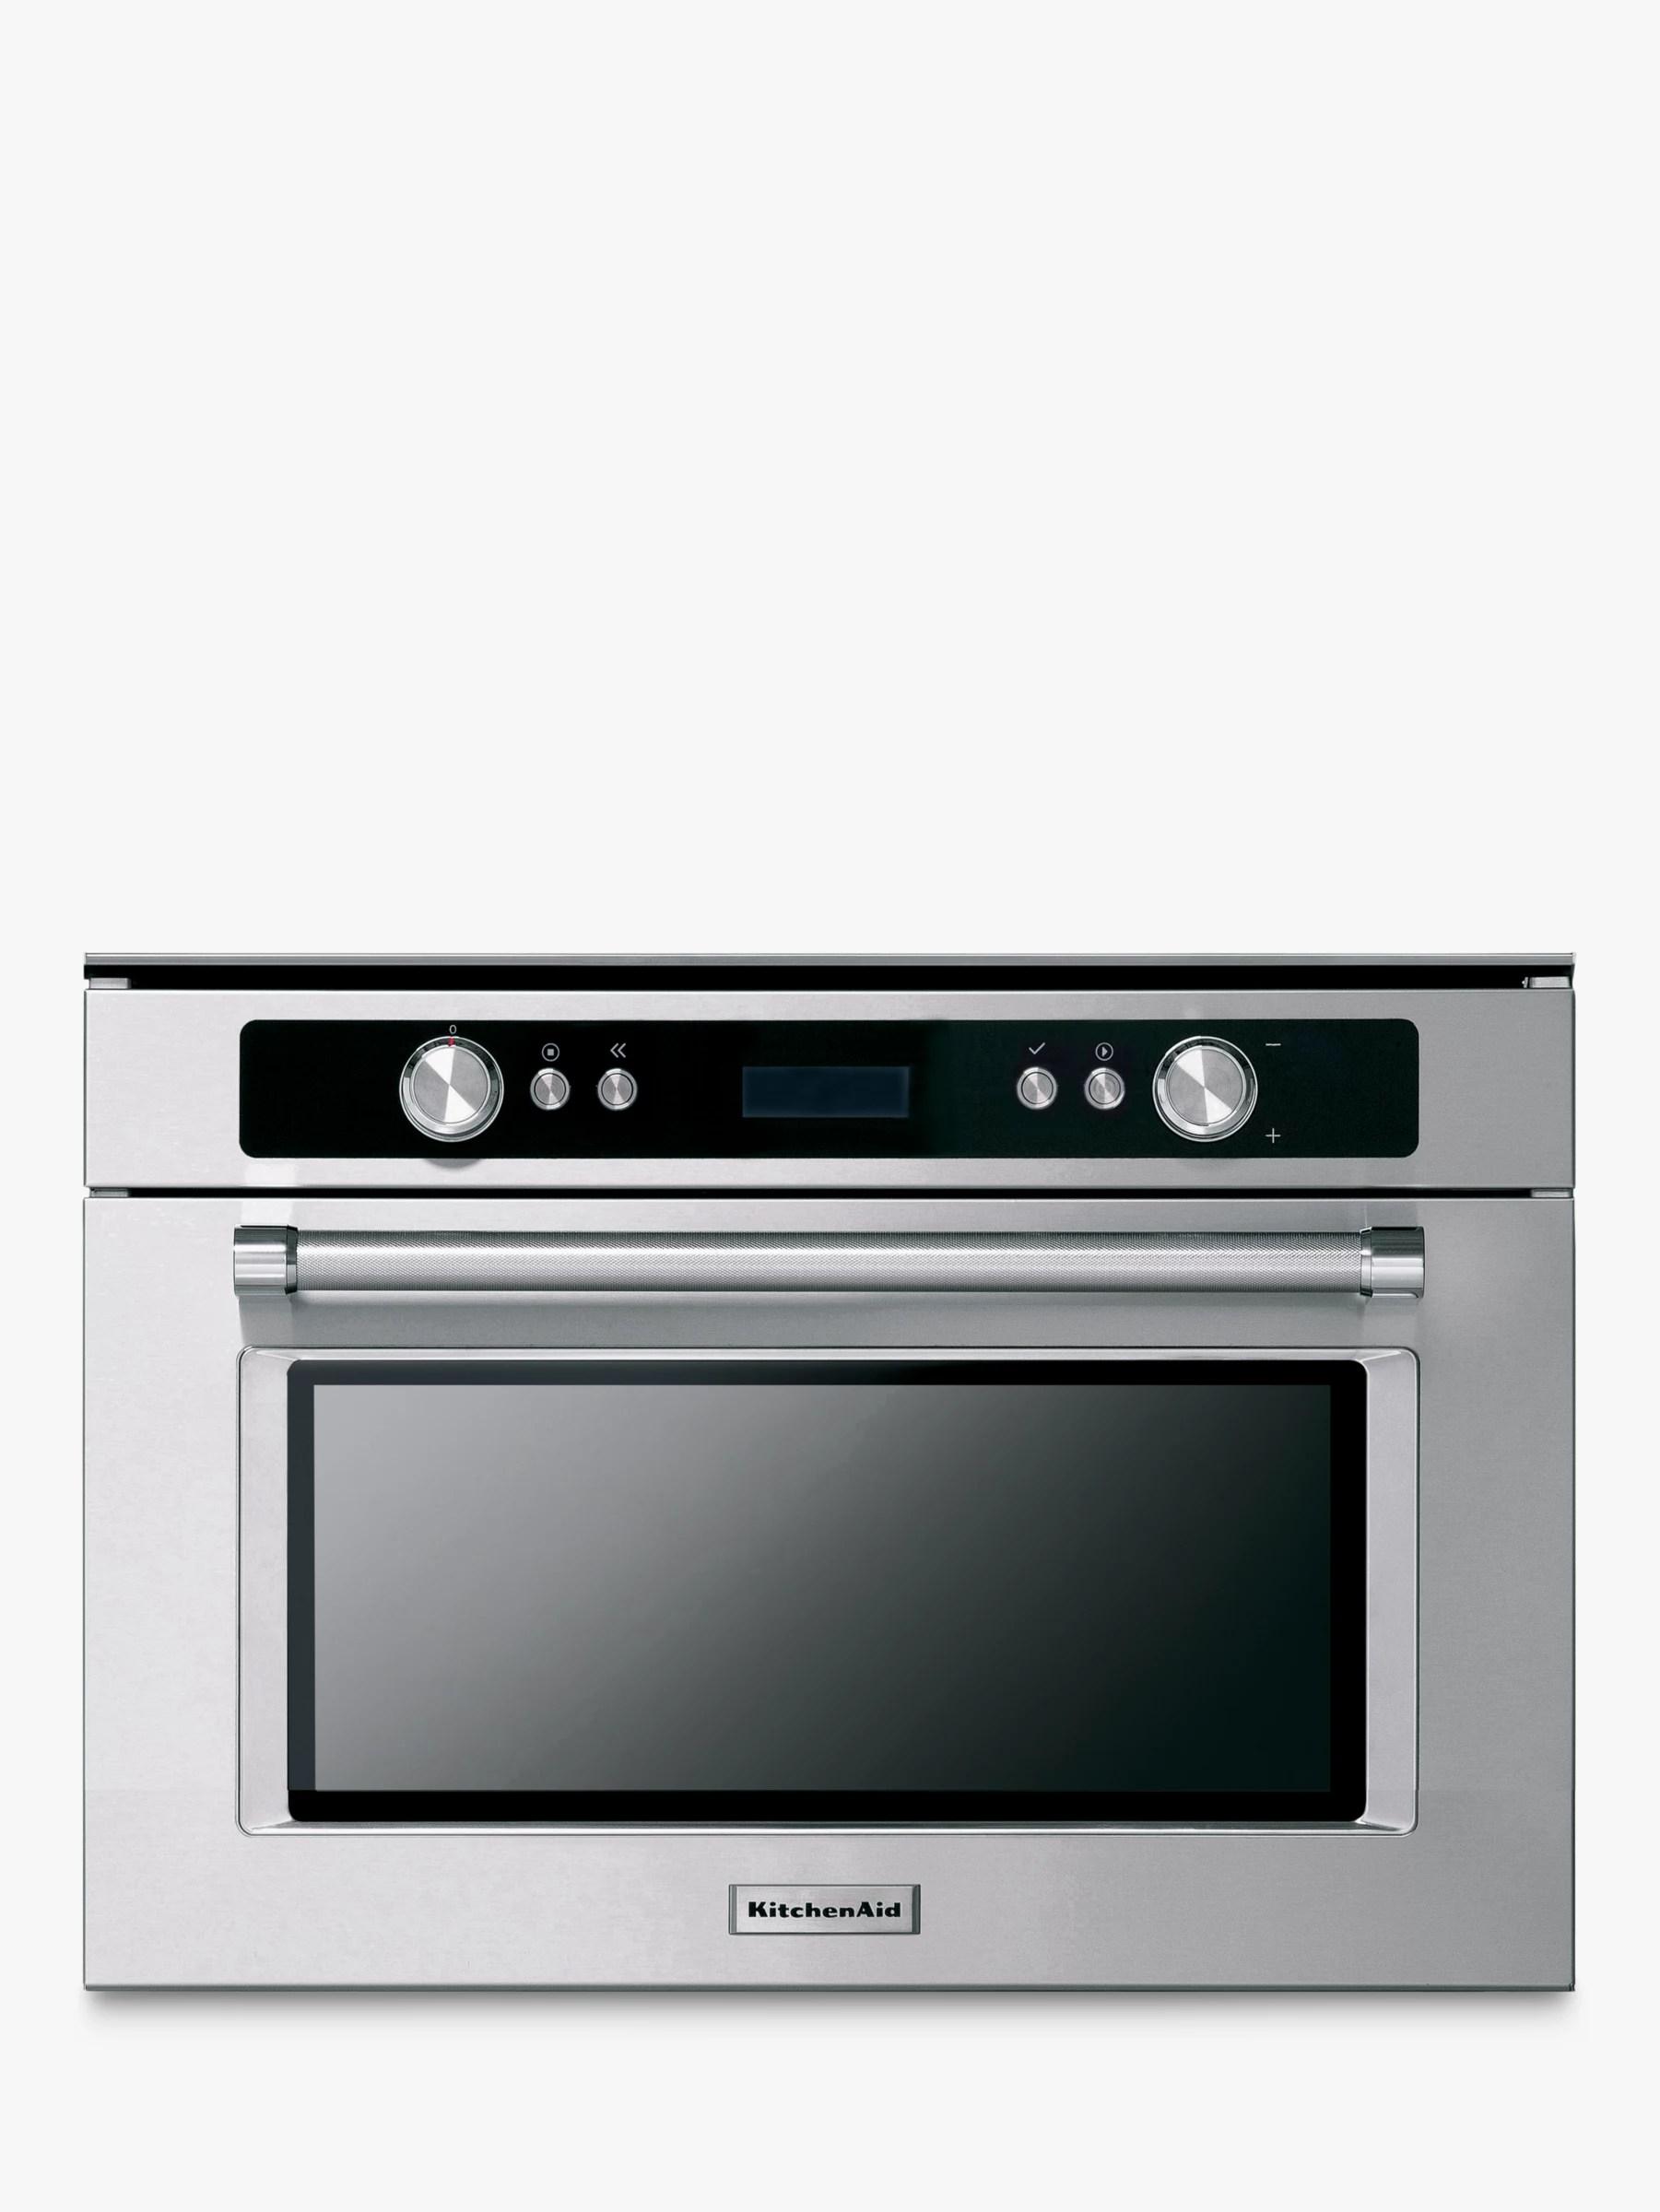 kitchenaid kmqcx38600 built in